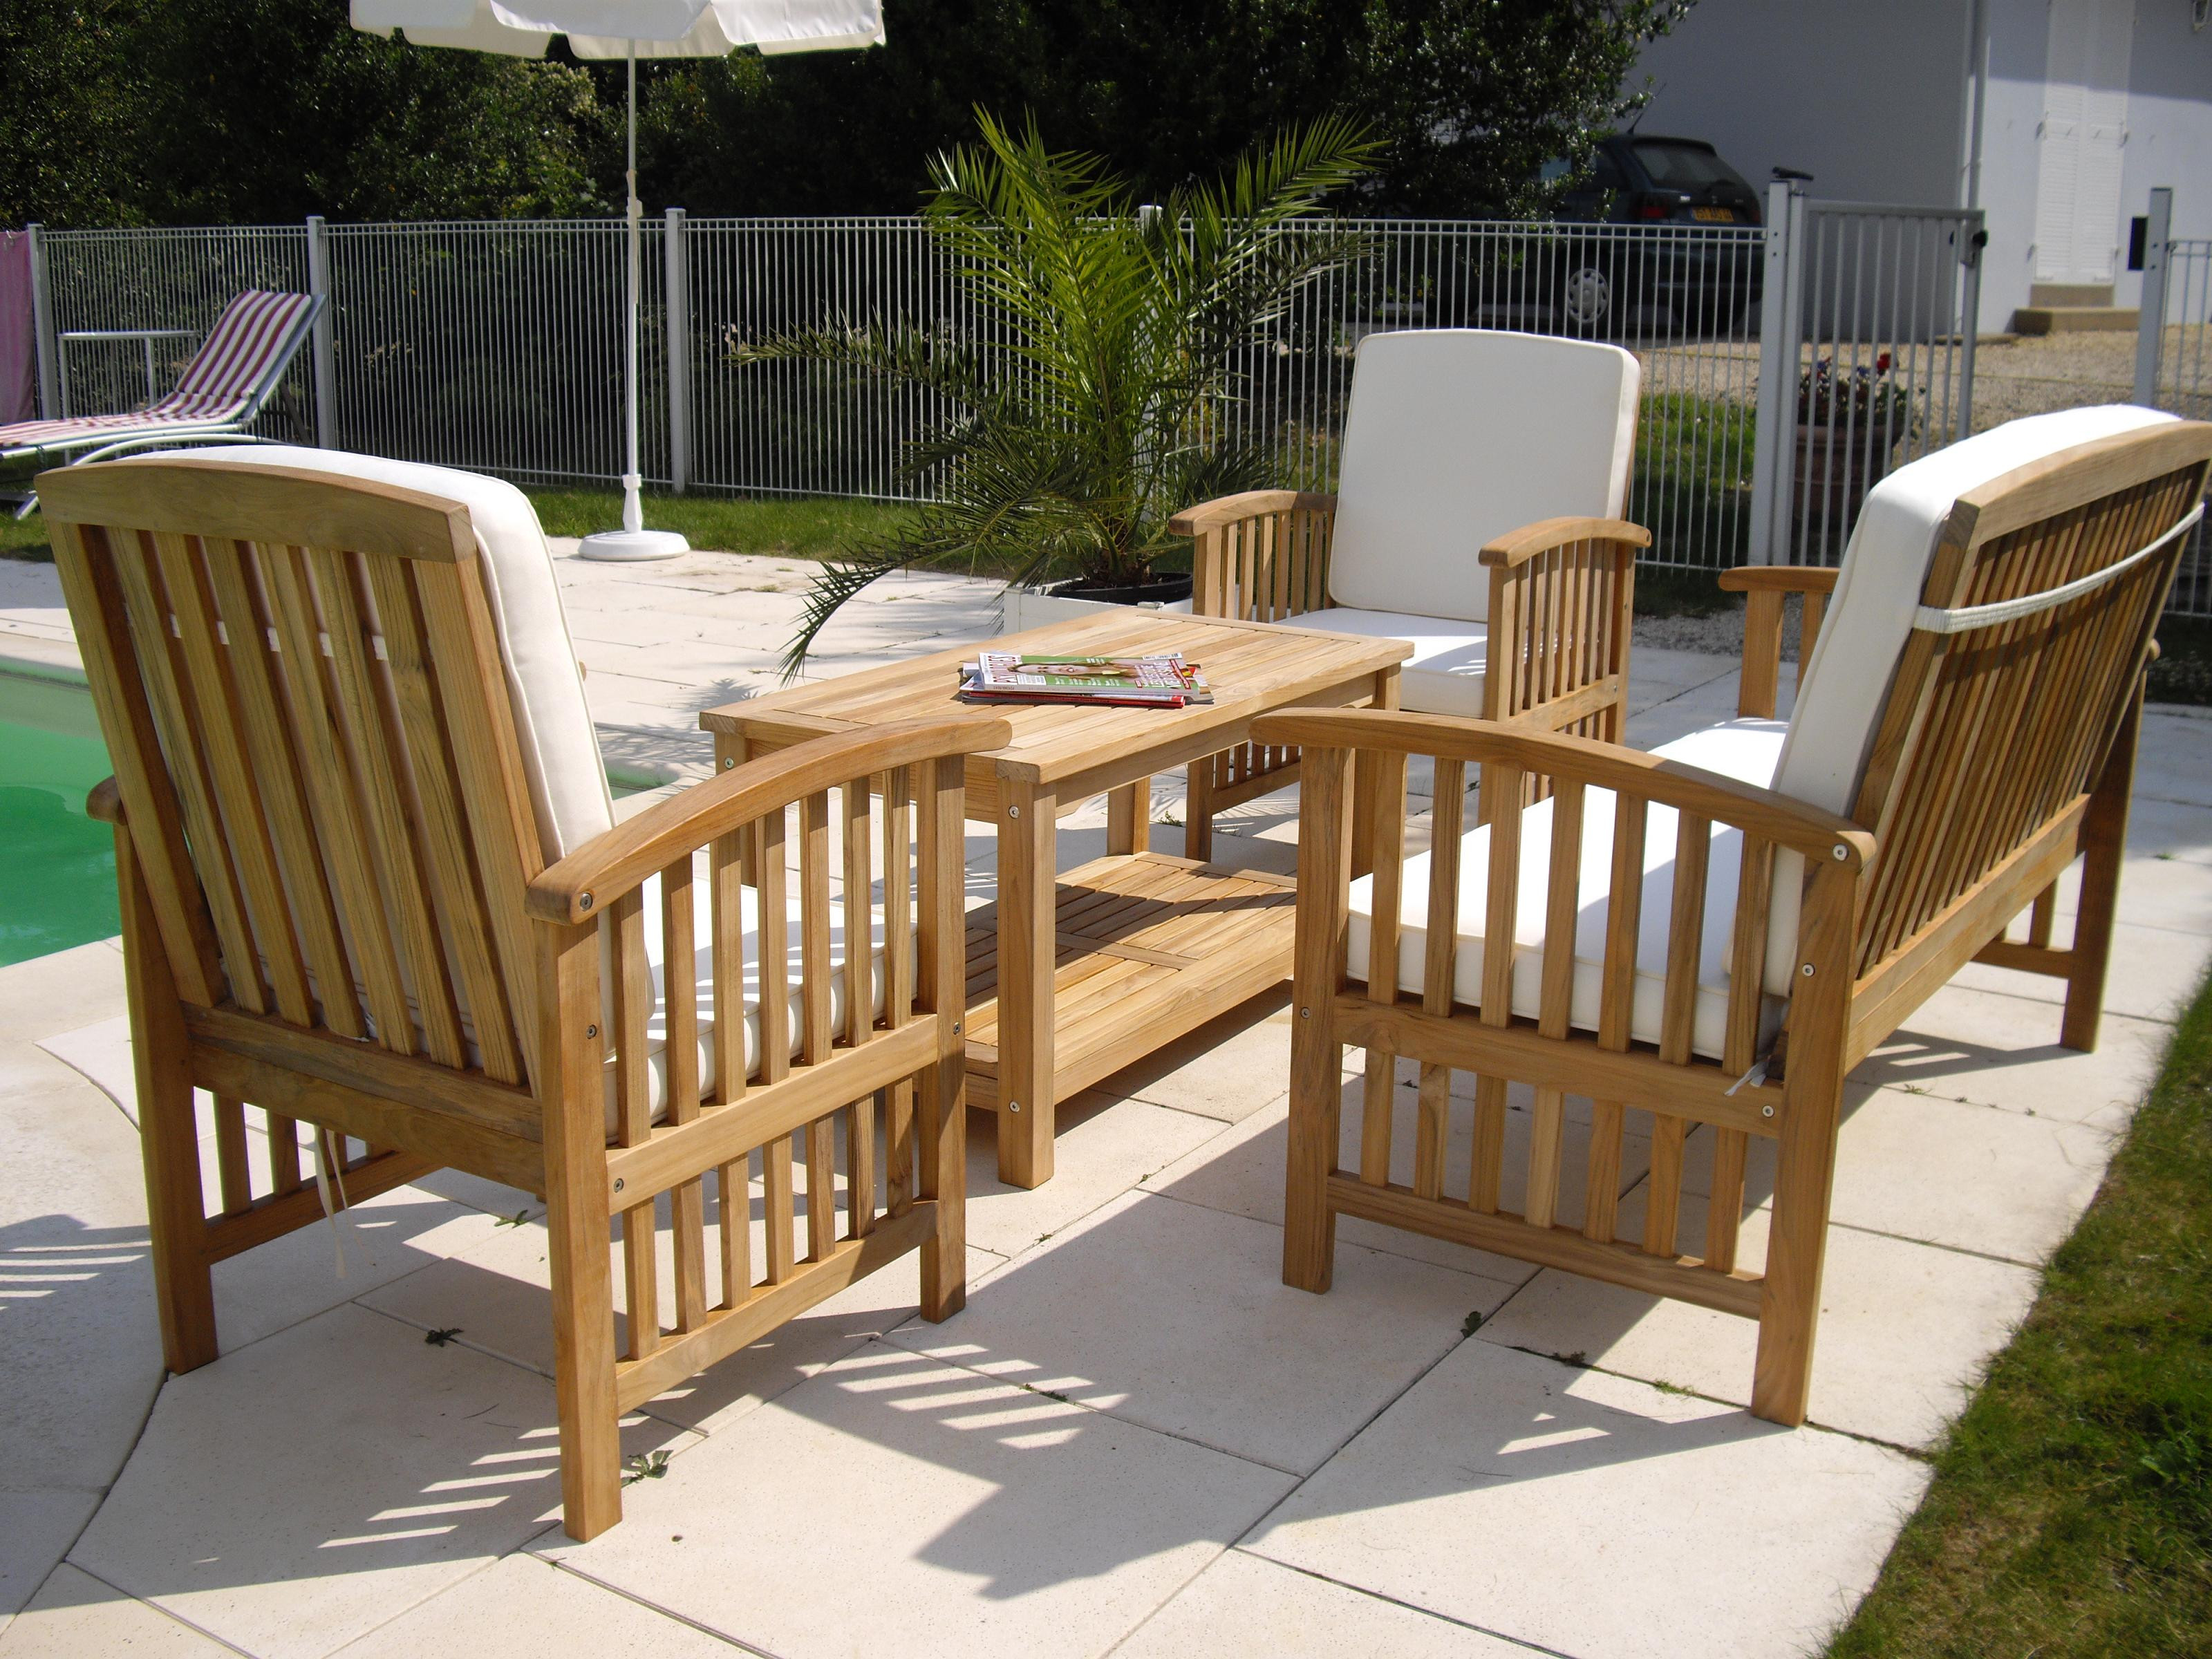 Table De Jardin Intermarche Beau Photographie Salon De Jardin Intermarché De Beau Luxe Génial Table De Jardin En